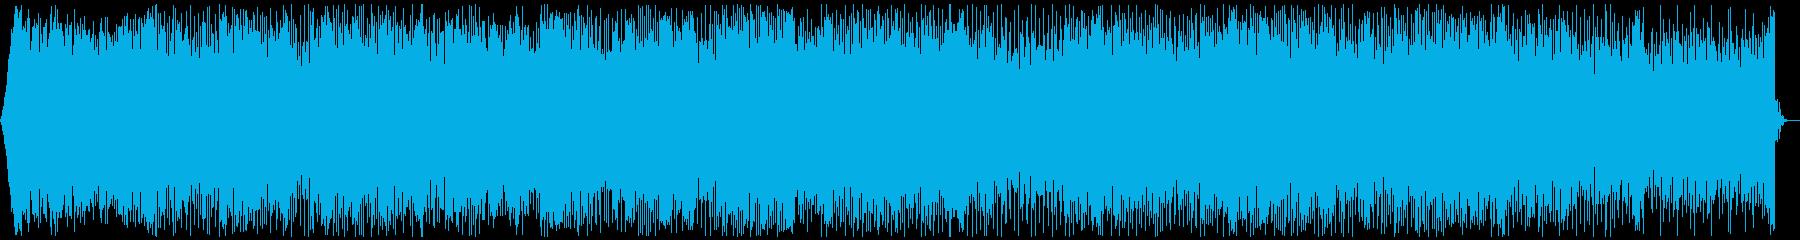 会社紹介・都会的で洗練されたピアノBGMの再生済みの波形